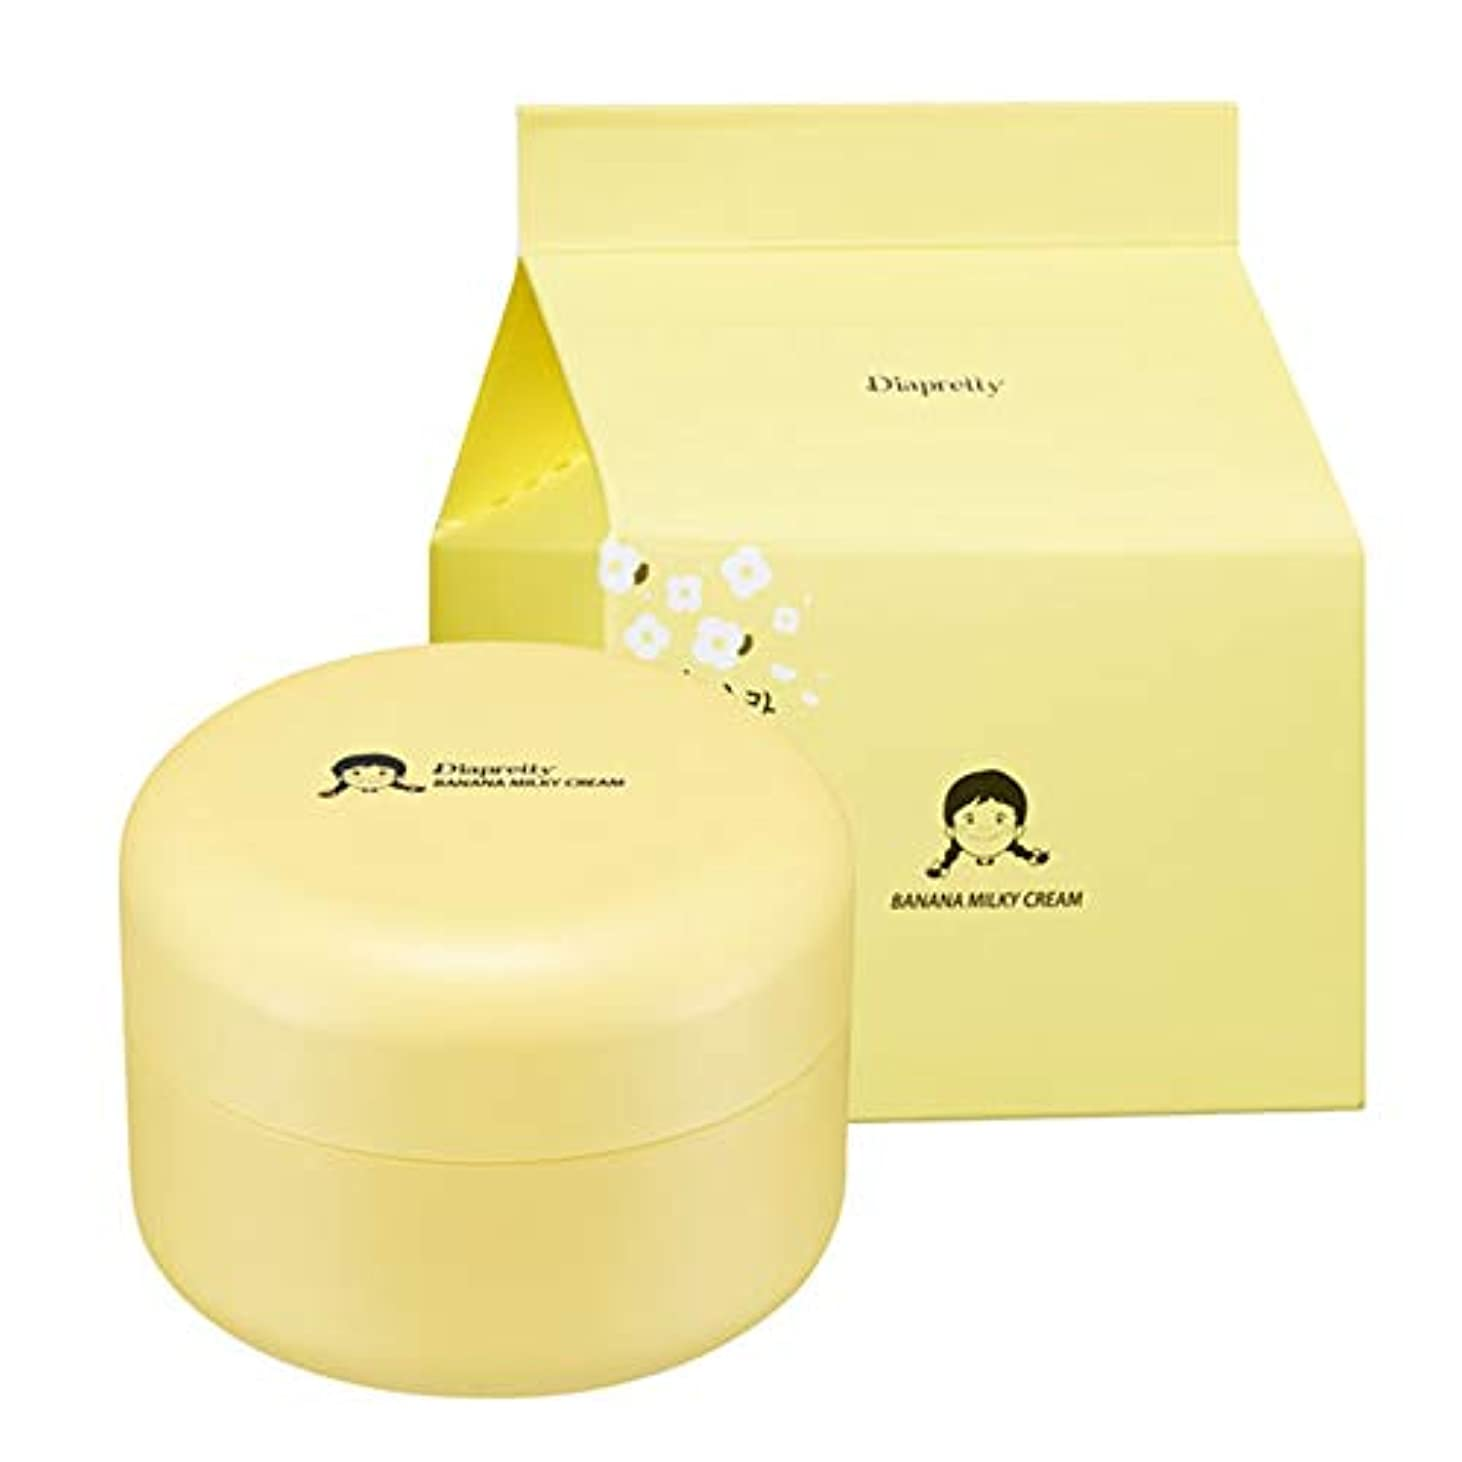 亡命交通渋滞ジョイント[ダイアプリティ] バナナ ミルキークリーム 50ml, [Diapretty]Banana Milky Cream 50ml